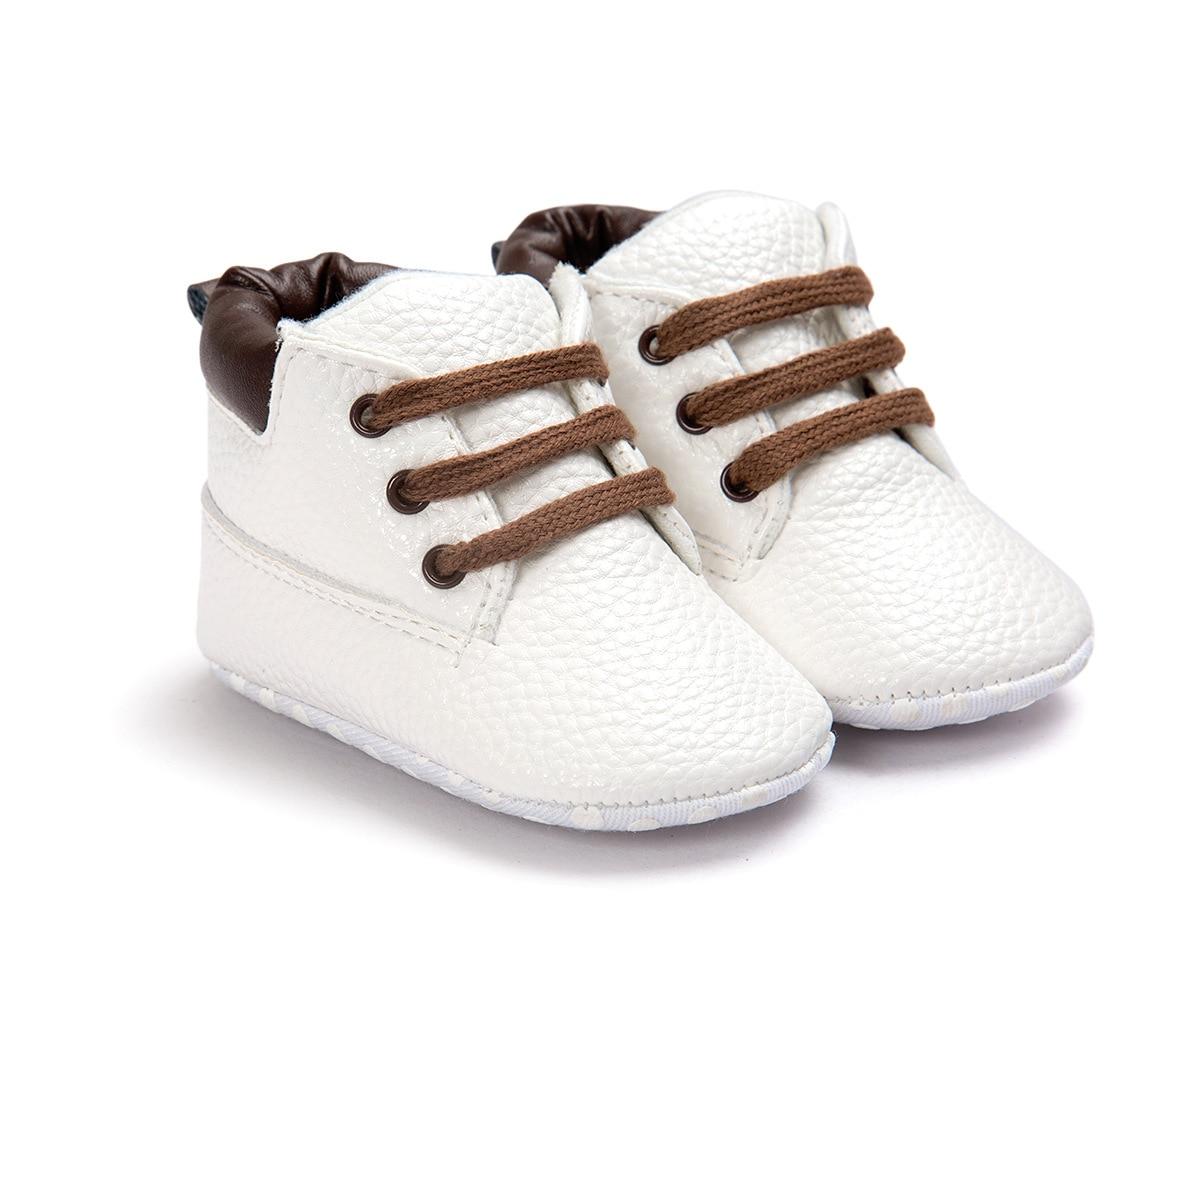 Blanc Printemps PU En Cuir 12 Couleur Bébé Garçon Bébé Casual Chaussures Fille En Bas Âge Chaussures Sapatos De Bebe Nouveau-Né Premiers Marcheurs